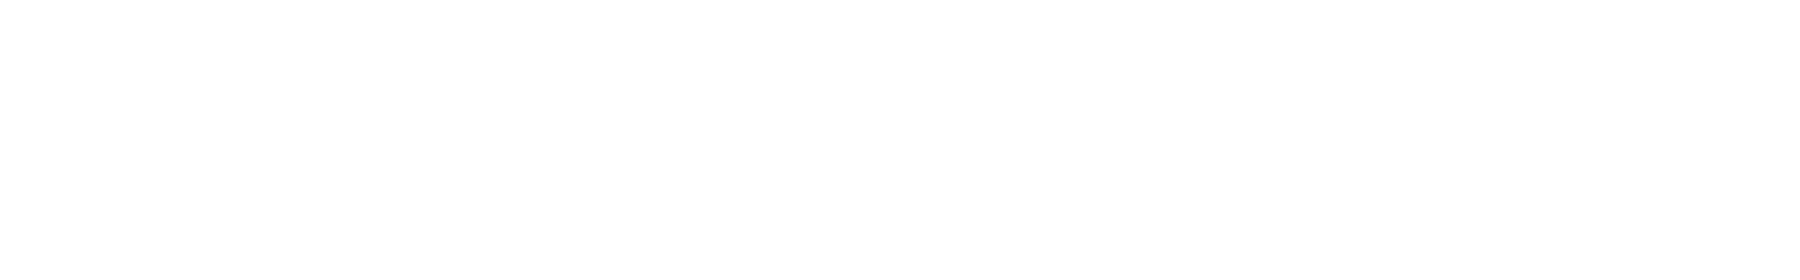 blbc jazzyripper 95 d